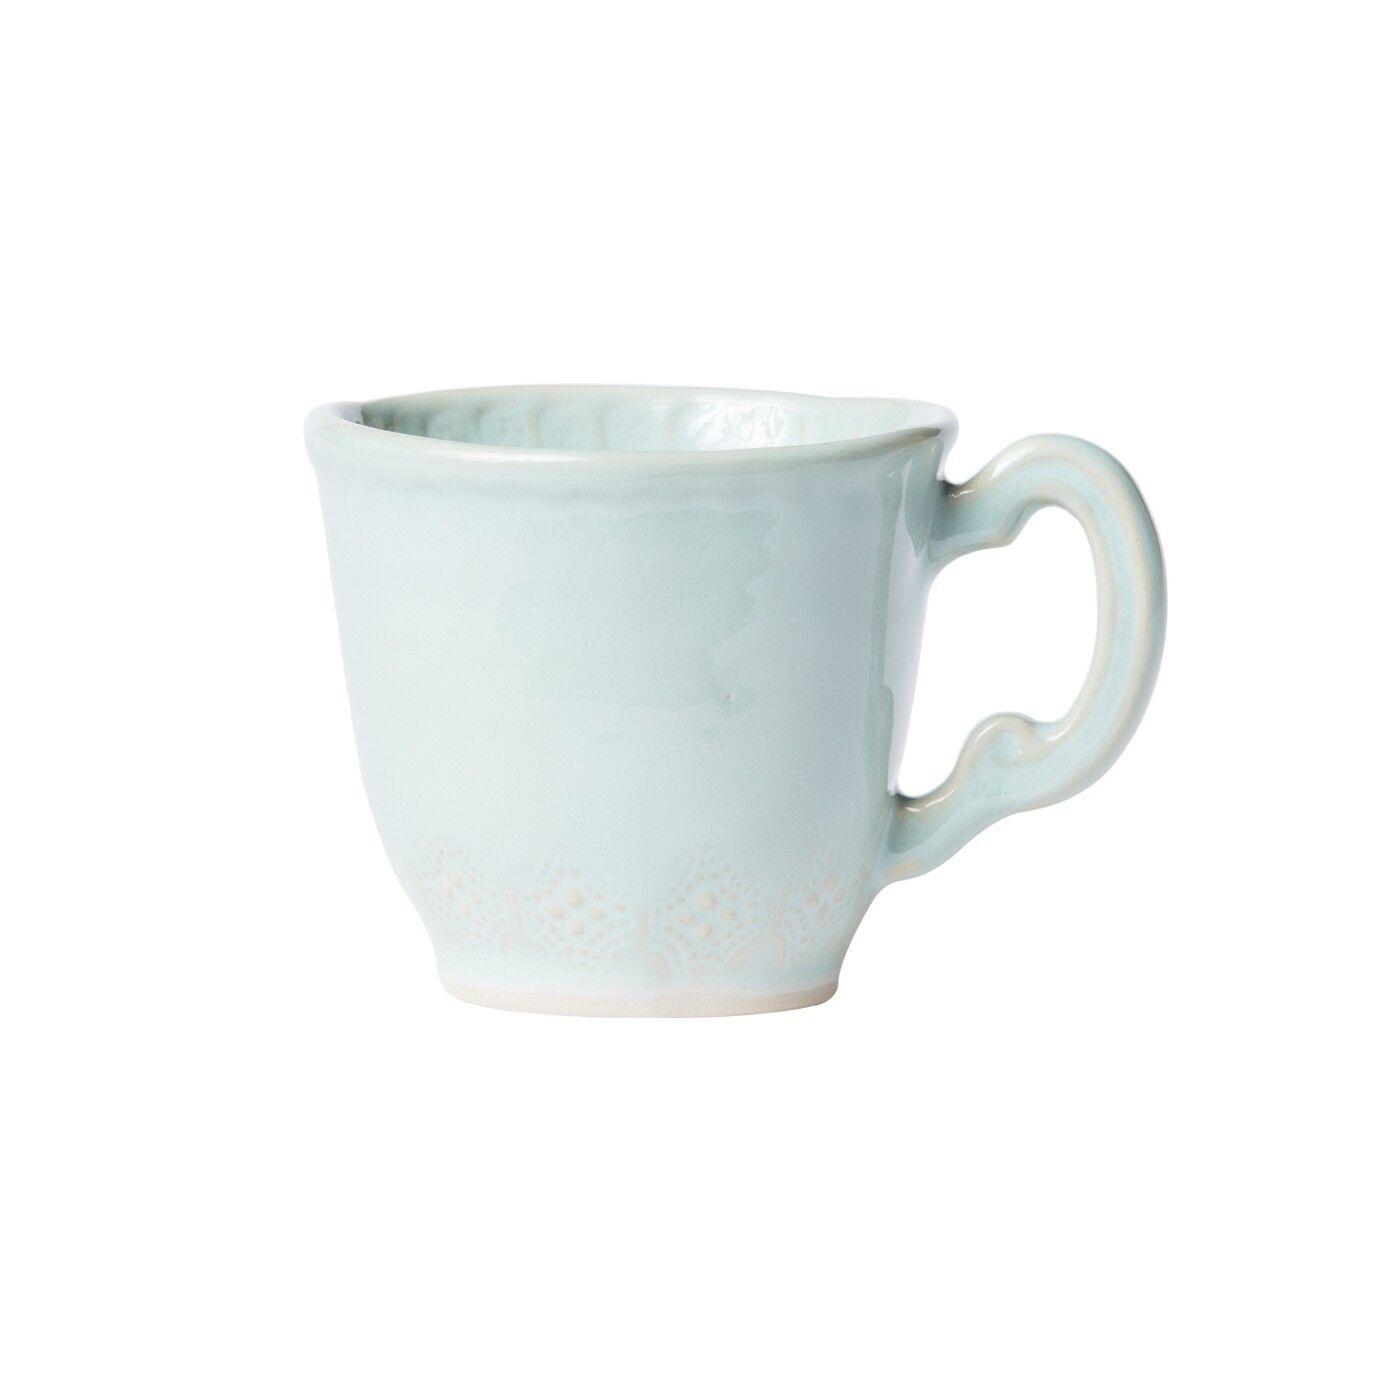 Vietri Incanto Stone Aqua Lace Mug - Set of 4